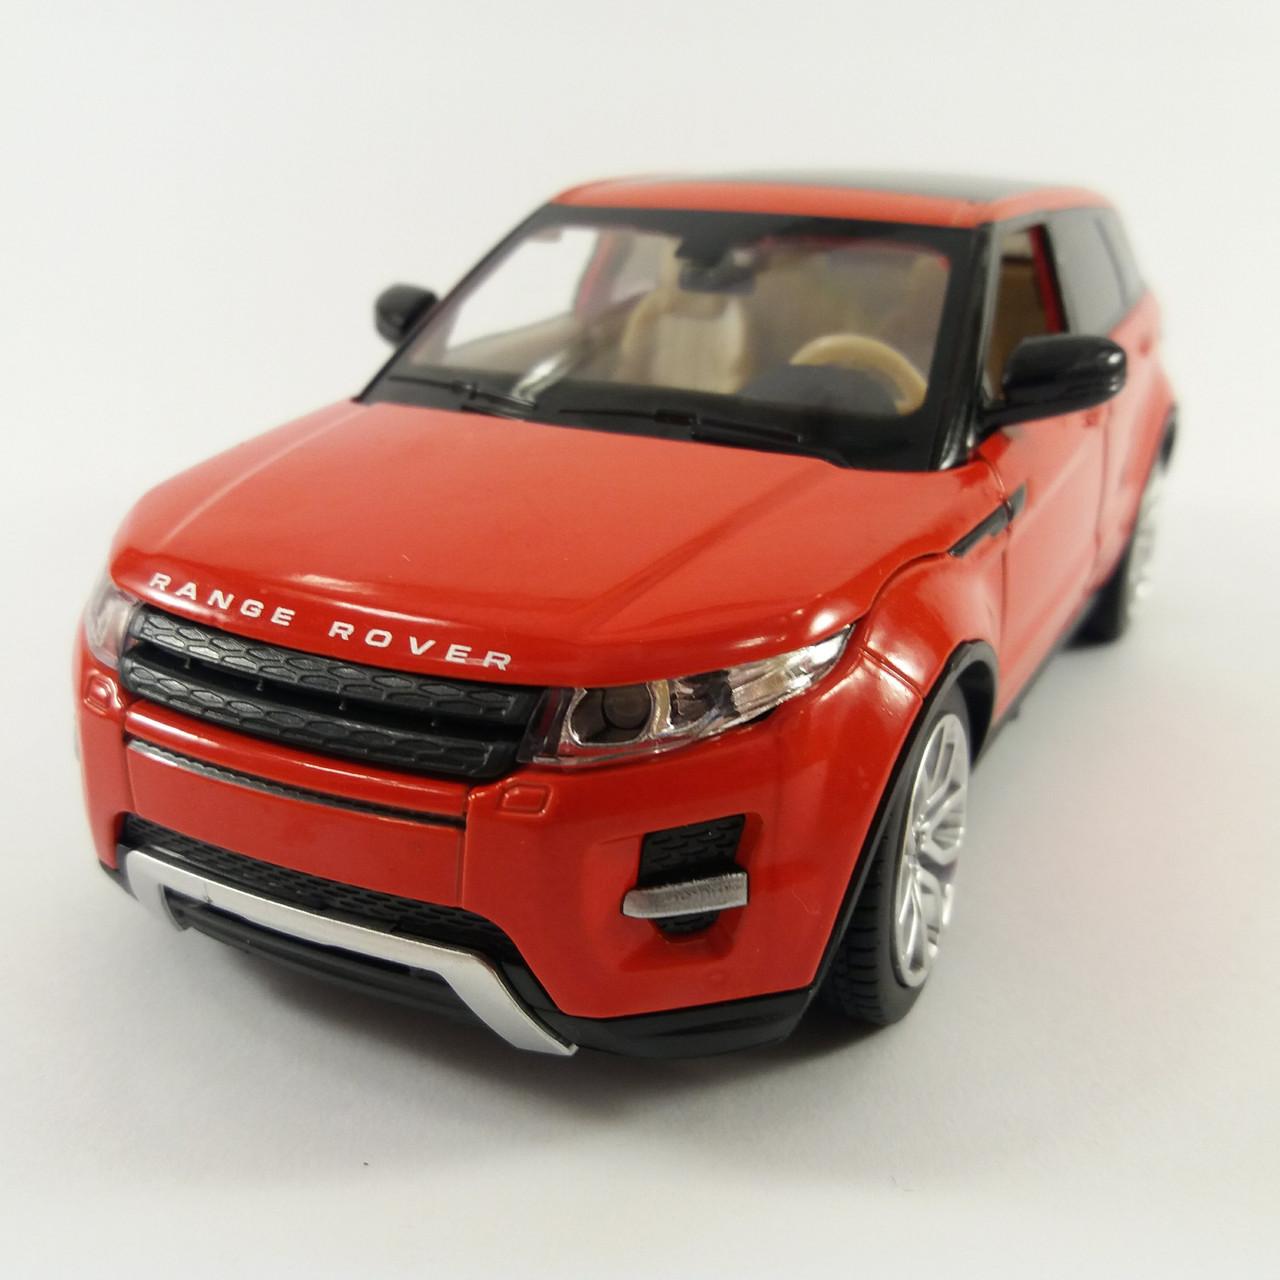 Автомодель металлический Range Rover Evoque 1:24 68244A  АВТОПРОМ Свет, звук Красный